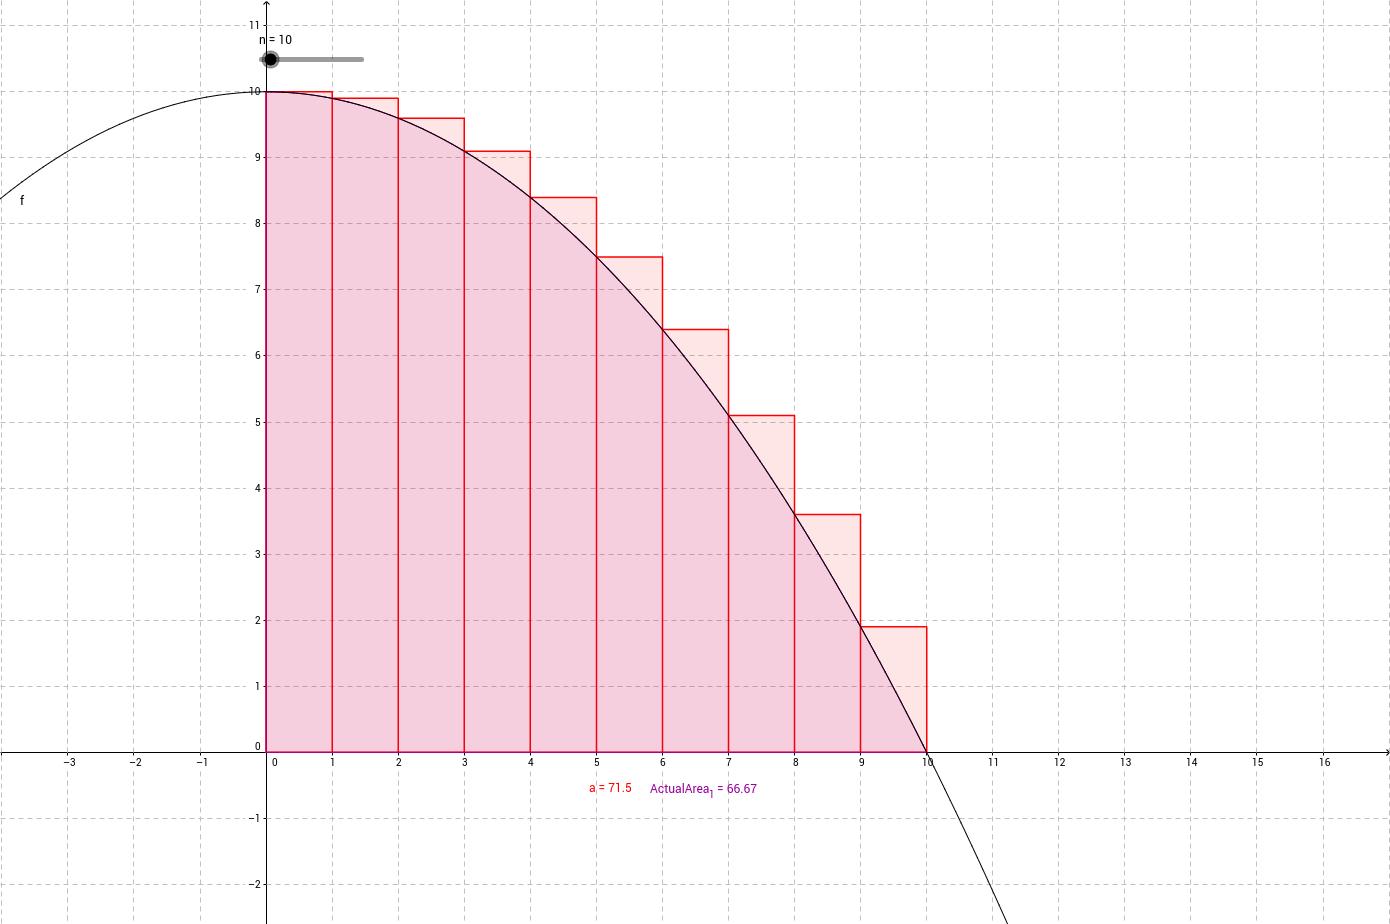 区分求積法・二次関数